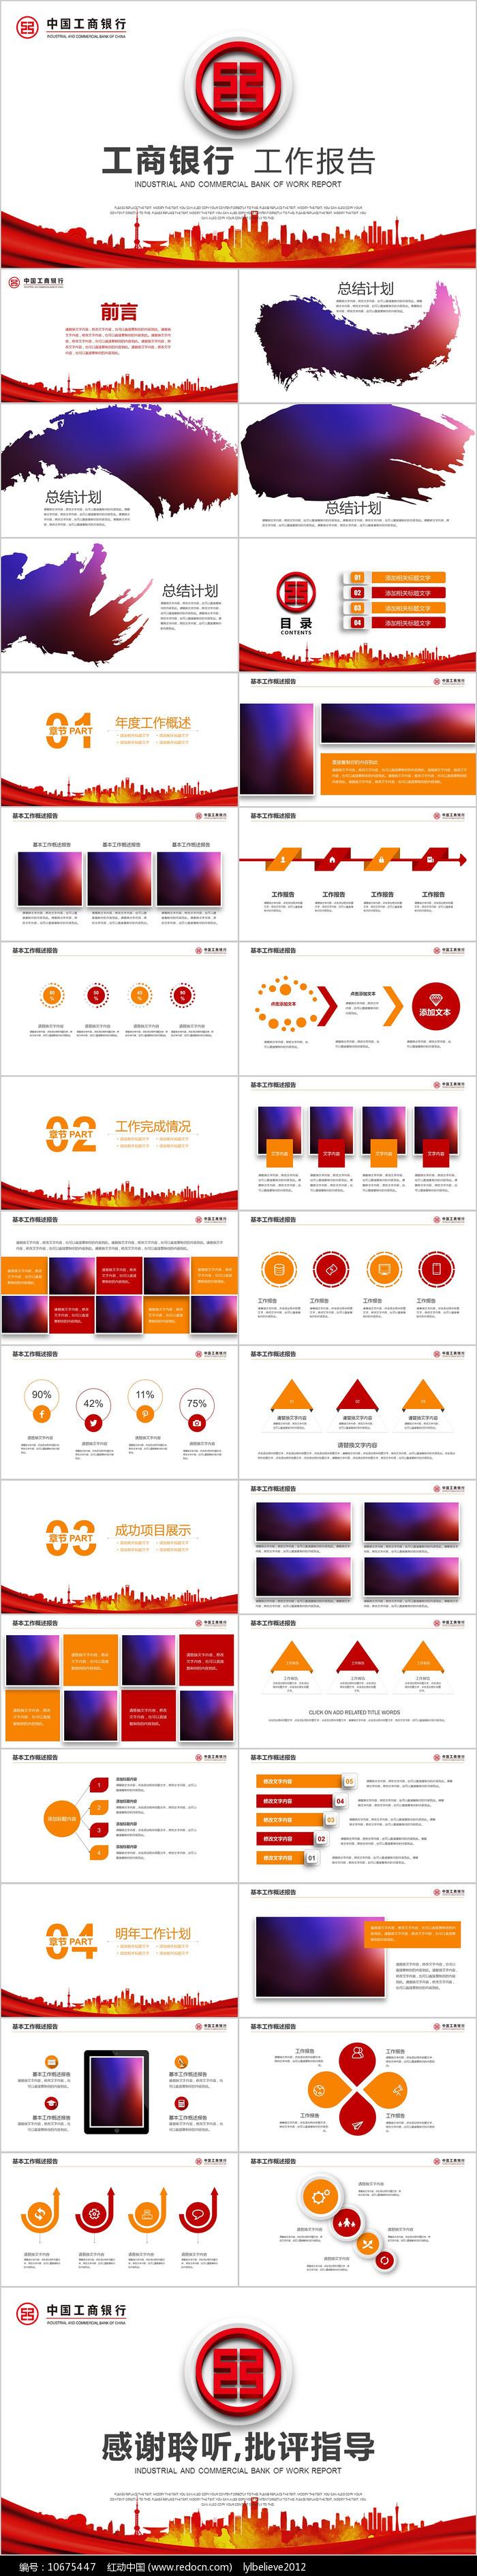 工商银行招商银行工作总结报告PPT模板图片